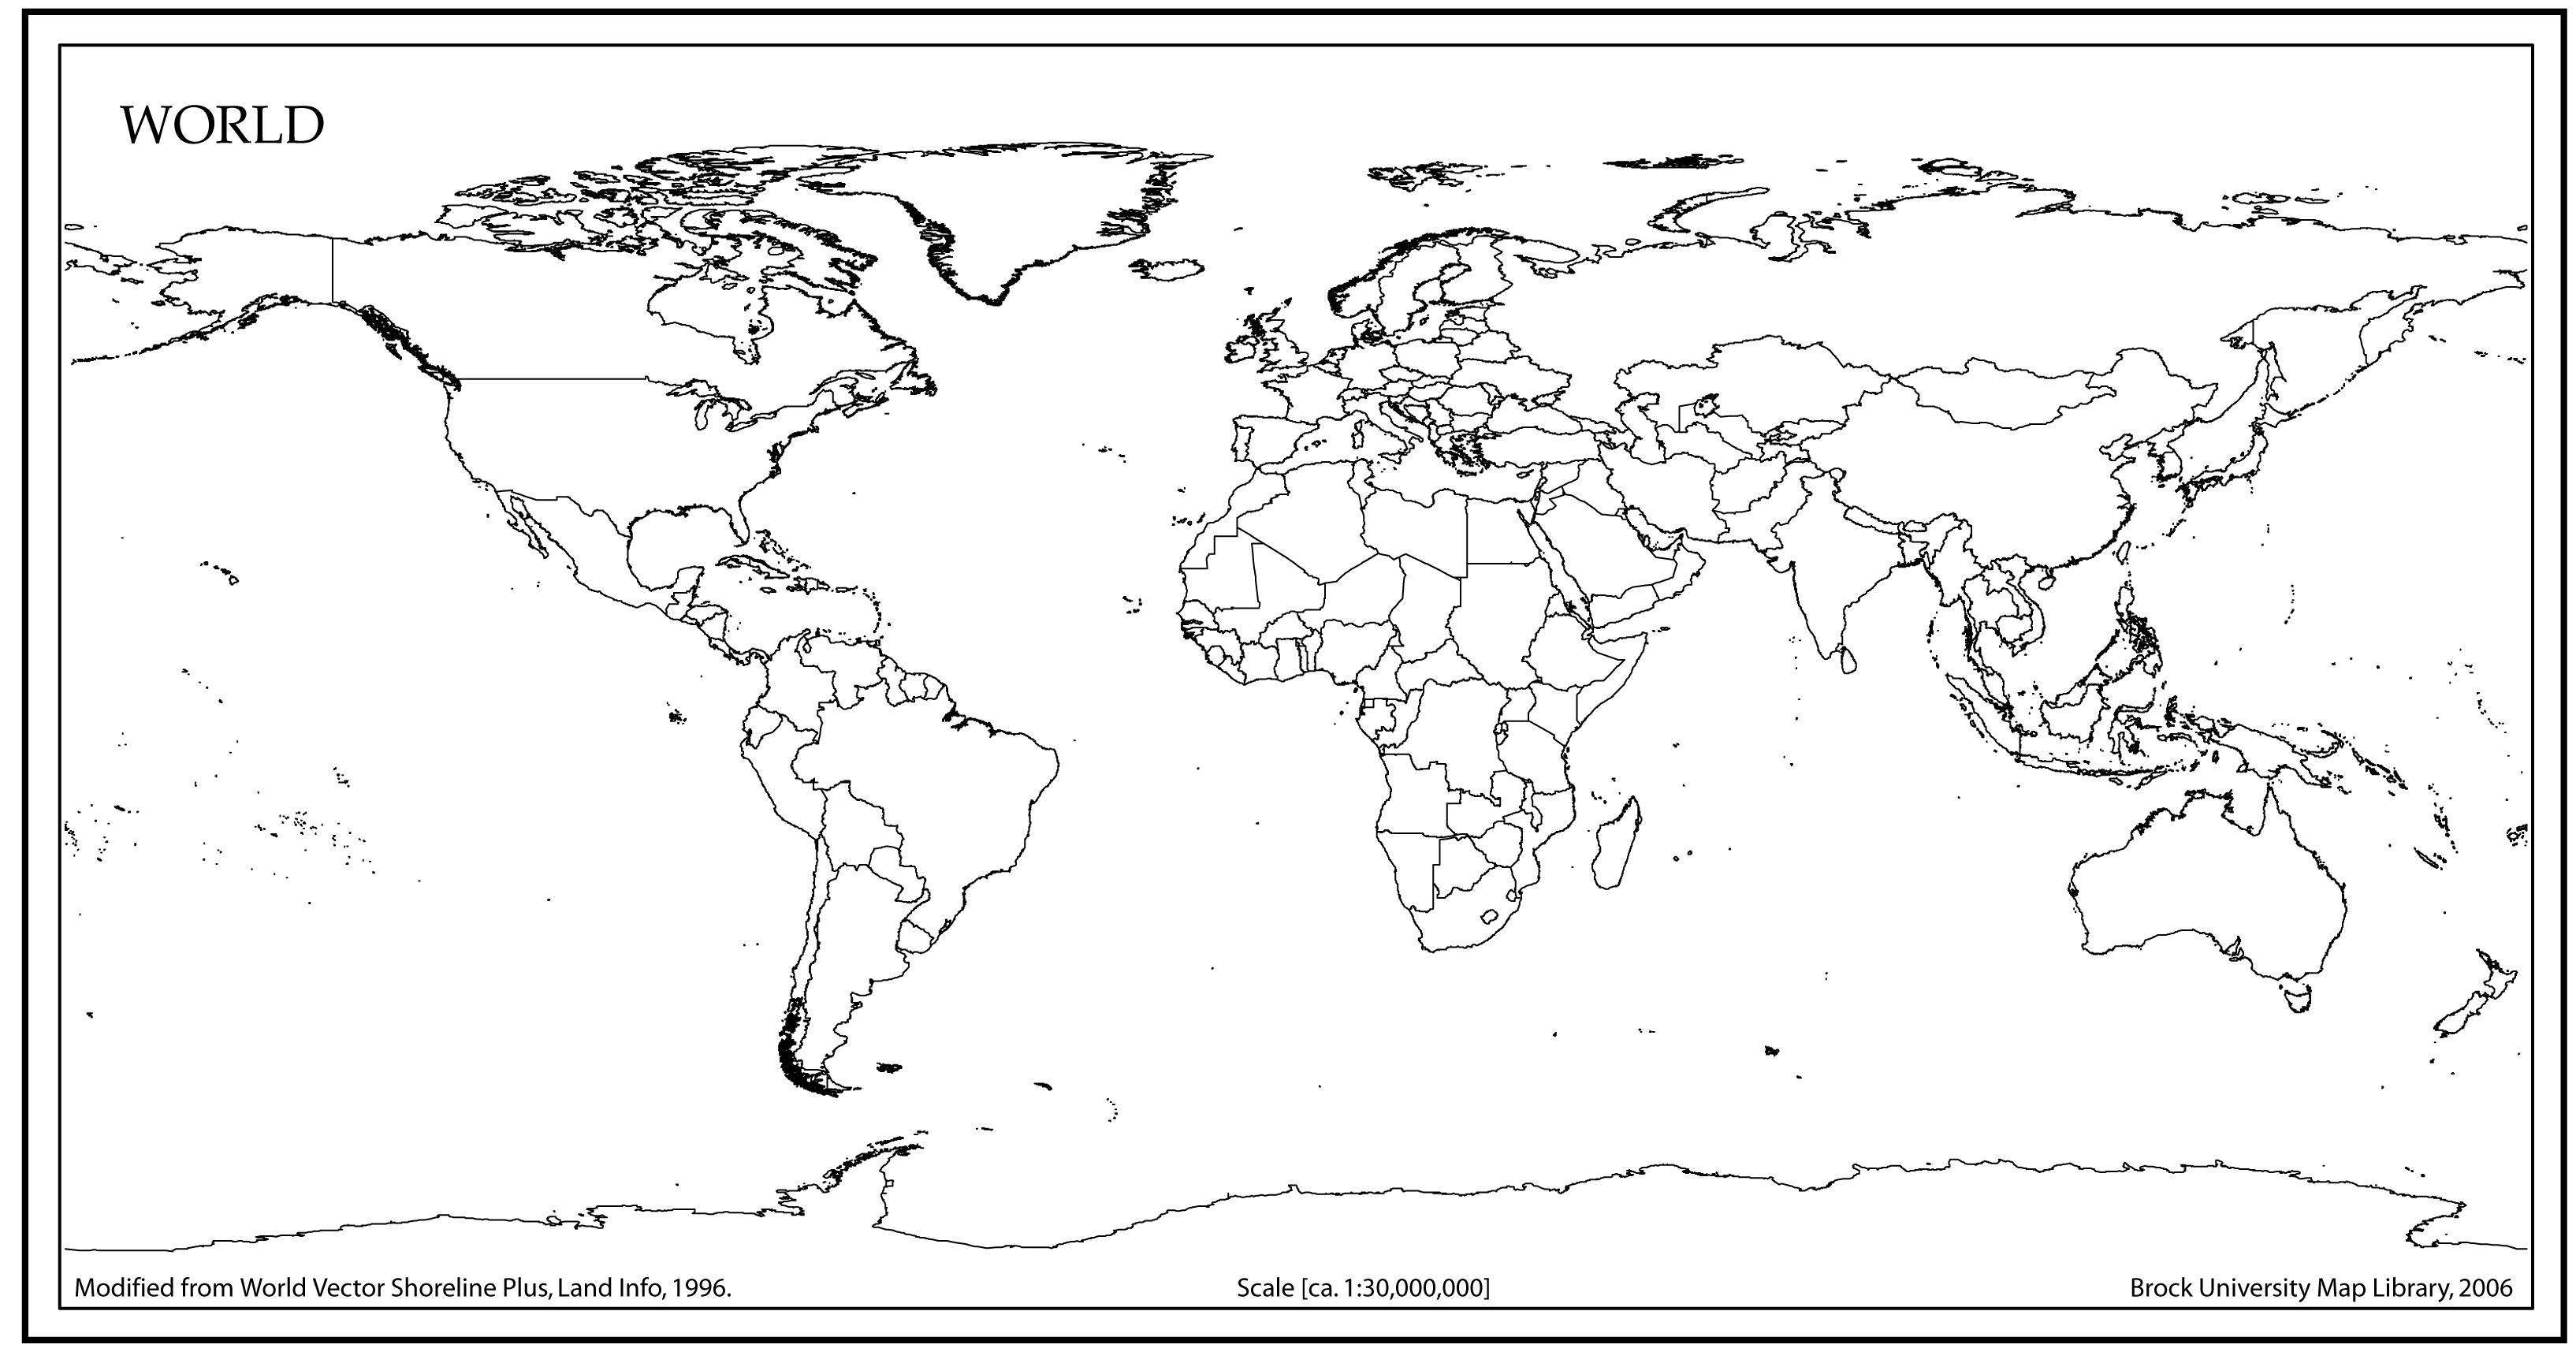 12 Blank World Map Shape Photoshop Images